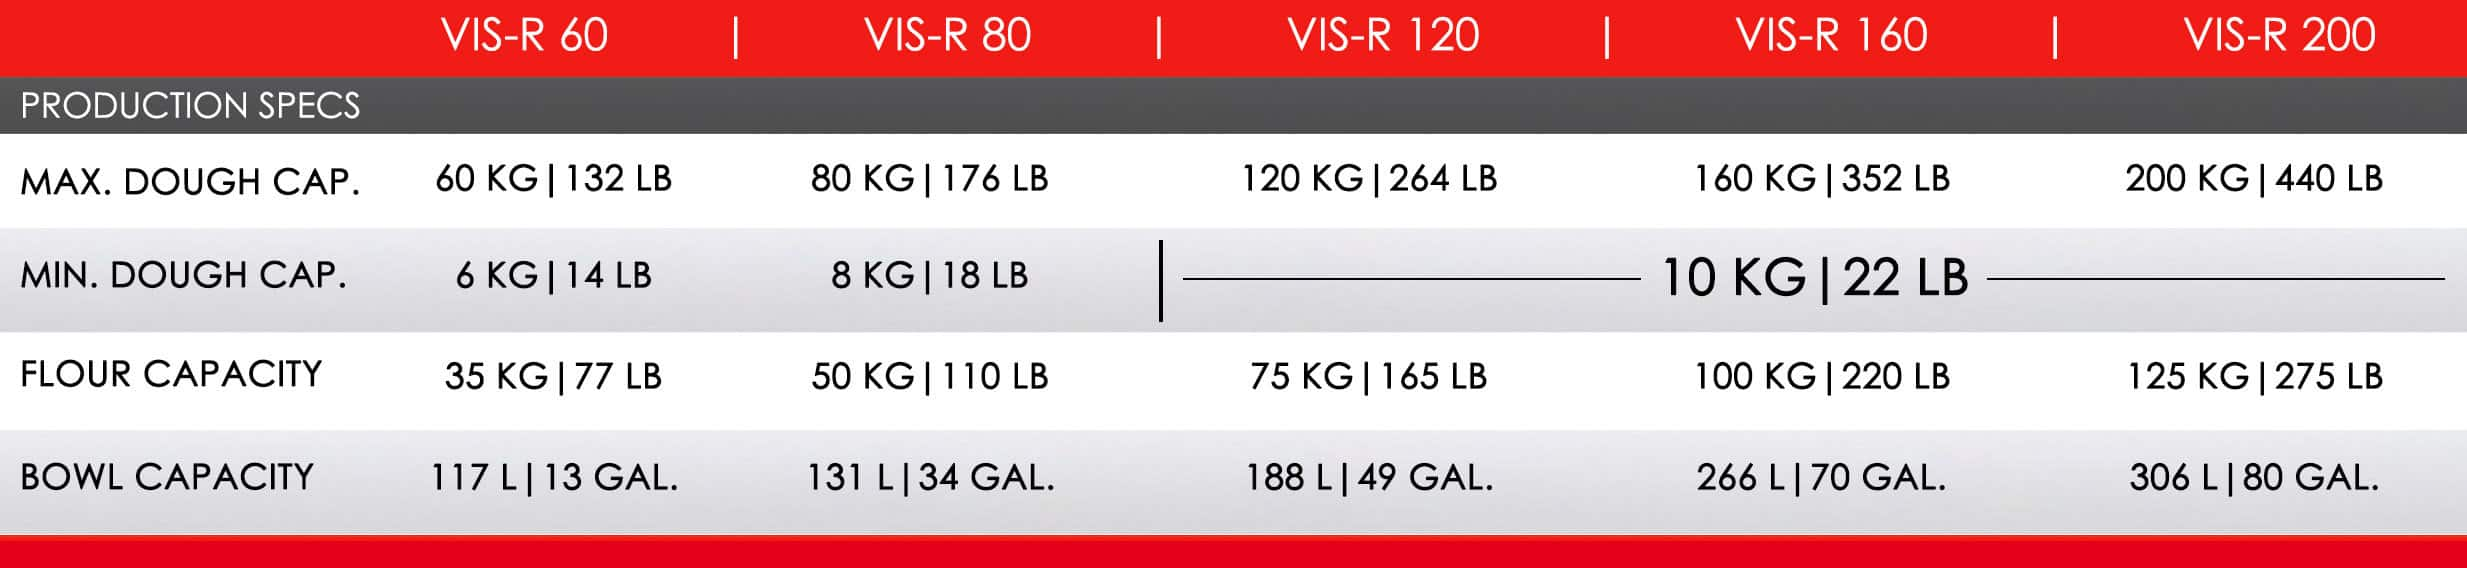 VIS-R Series Production Specs